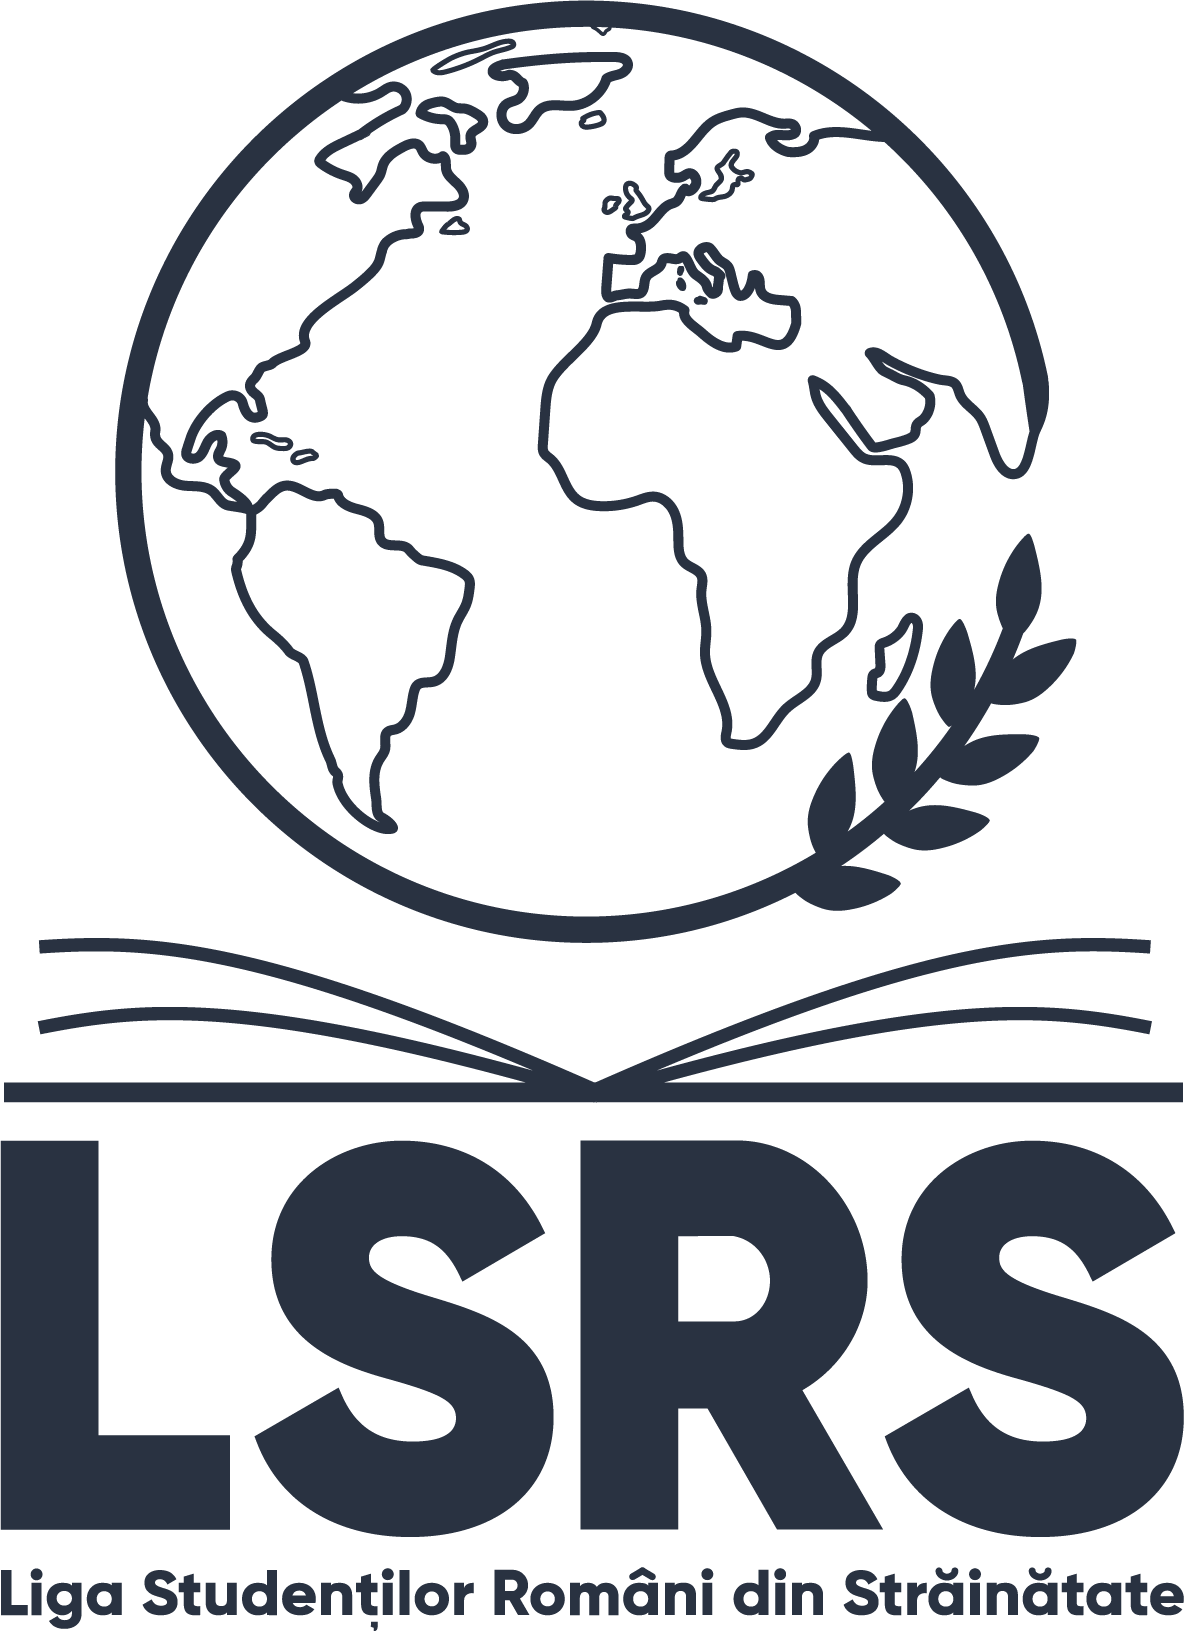 Asociația Liga Studenților Români din Străinătate logo